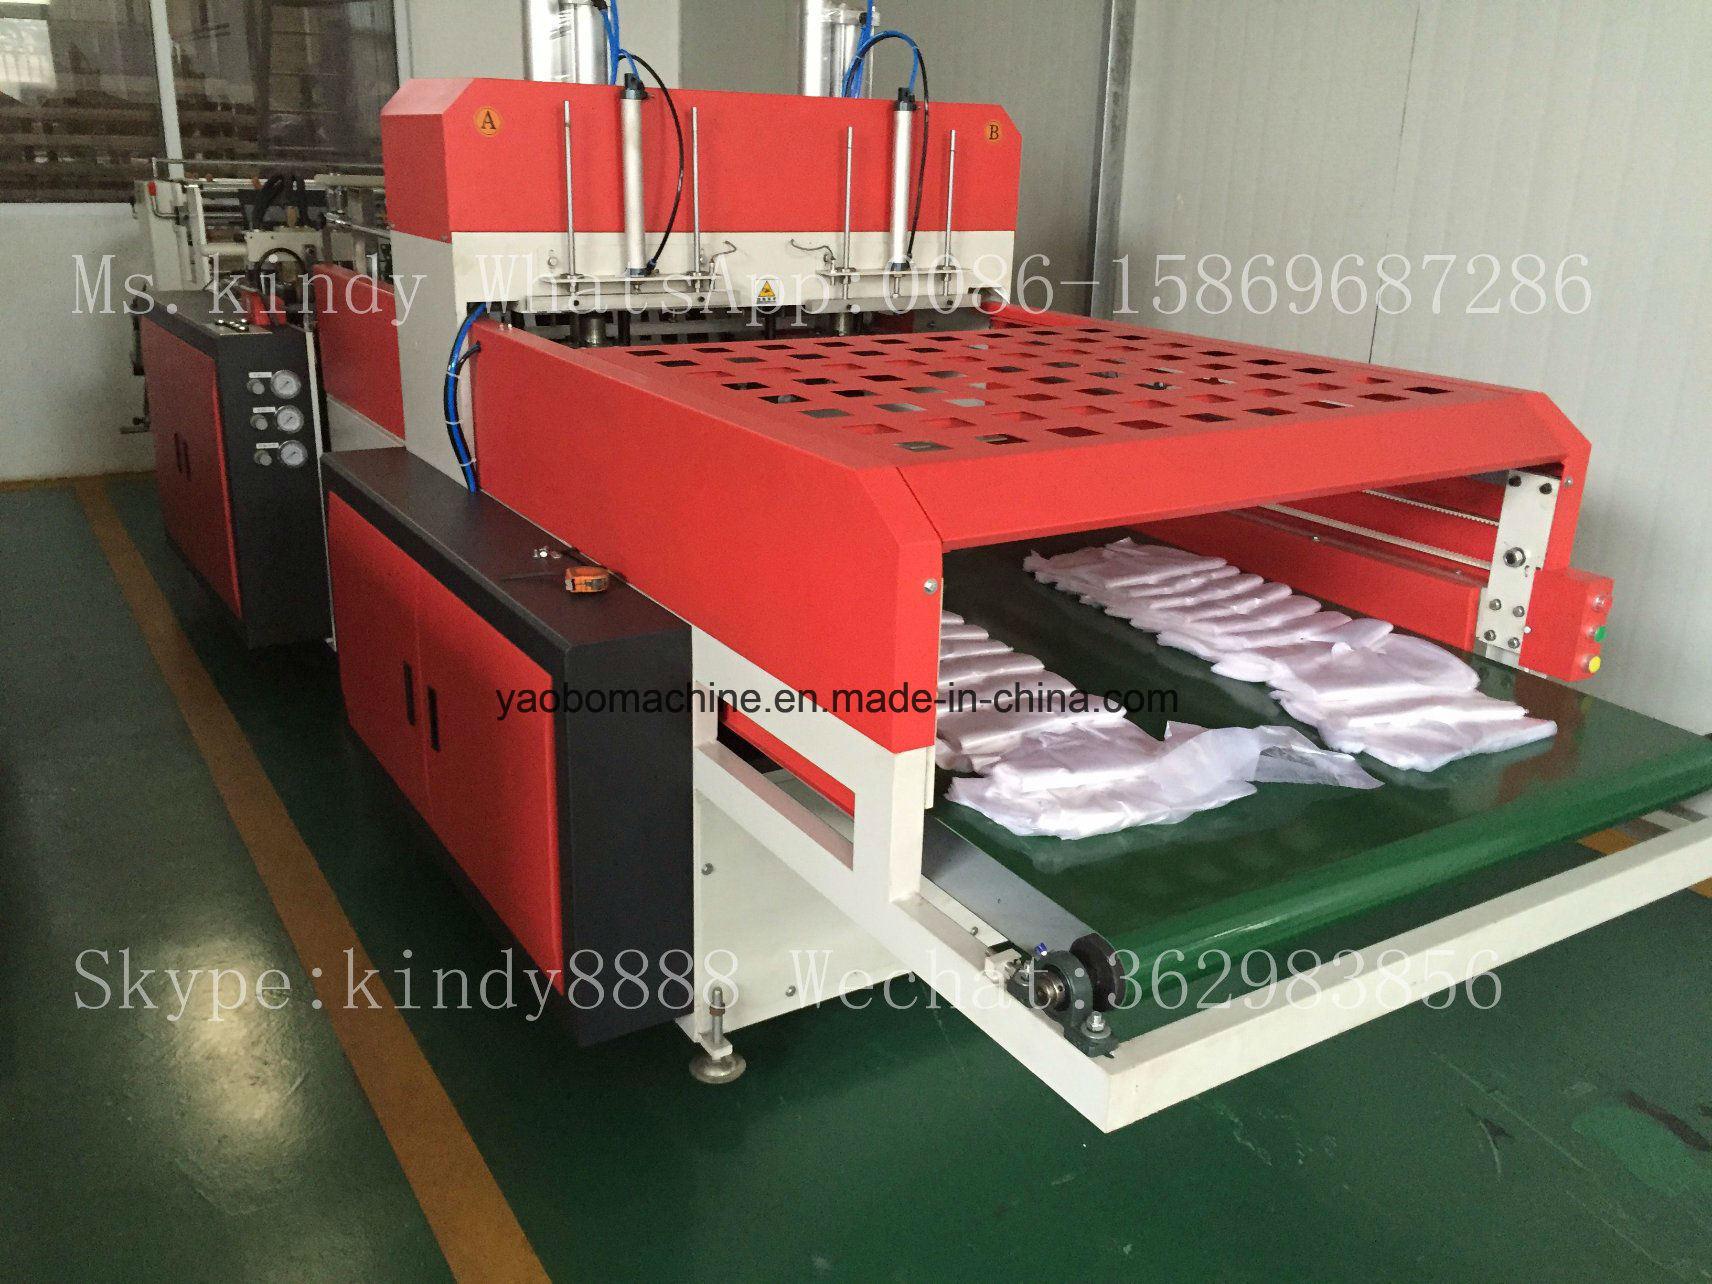 Ybhq-450*2 Automatic Plastic T-Shirt Bag Making Machinery